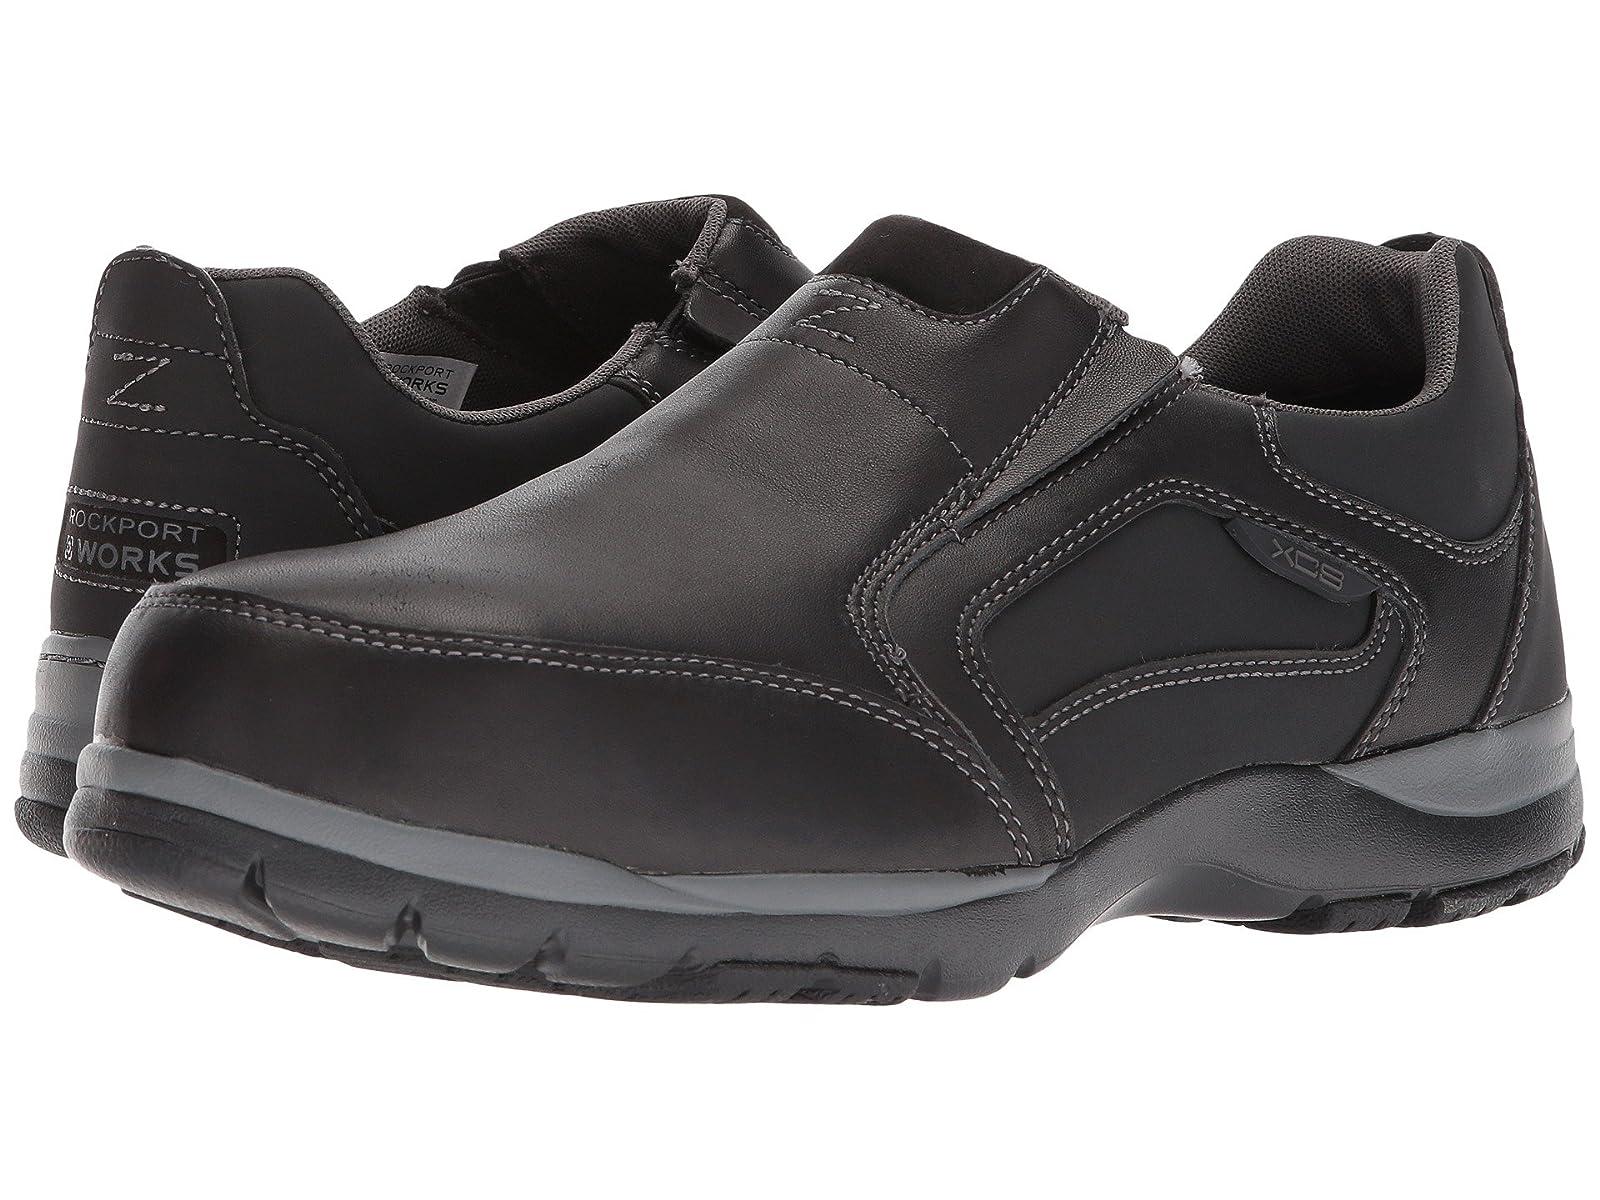 Rockport Works Kingstin WorkAtmospheric grades have affordable shoes